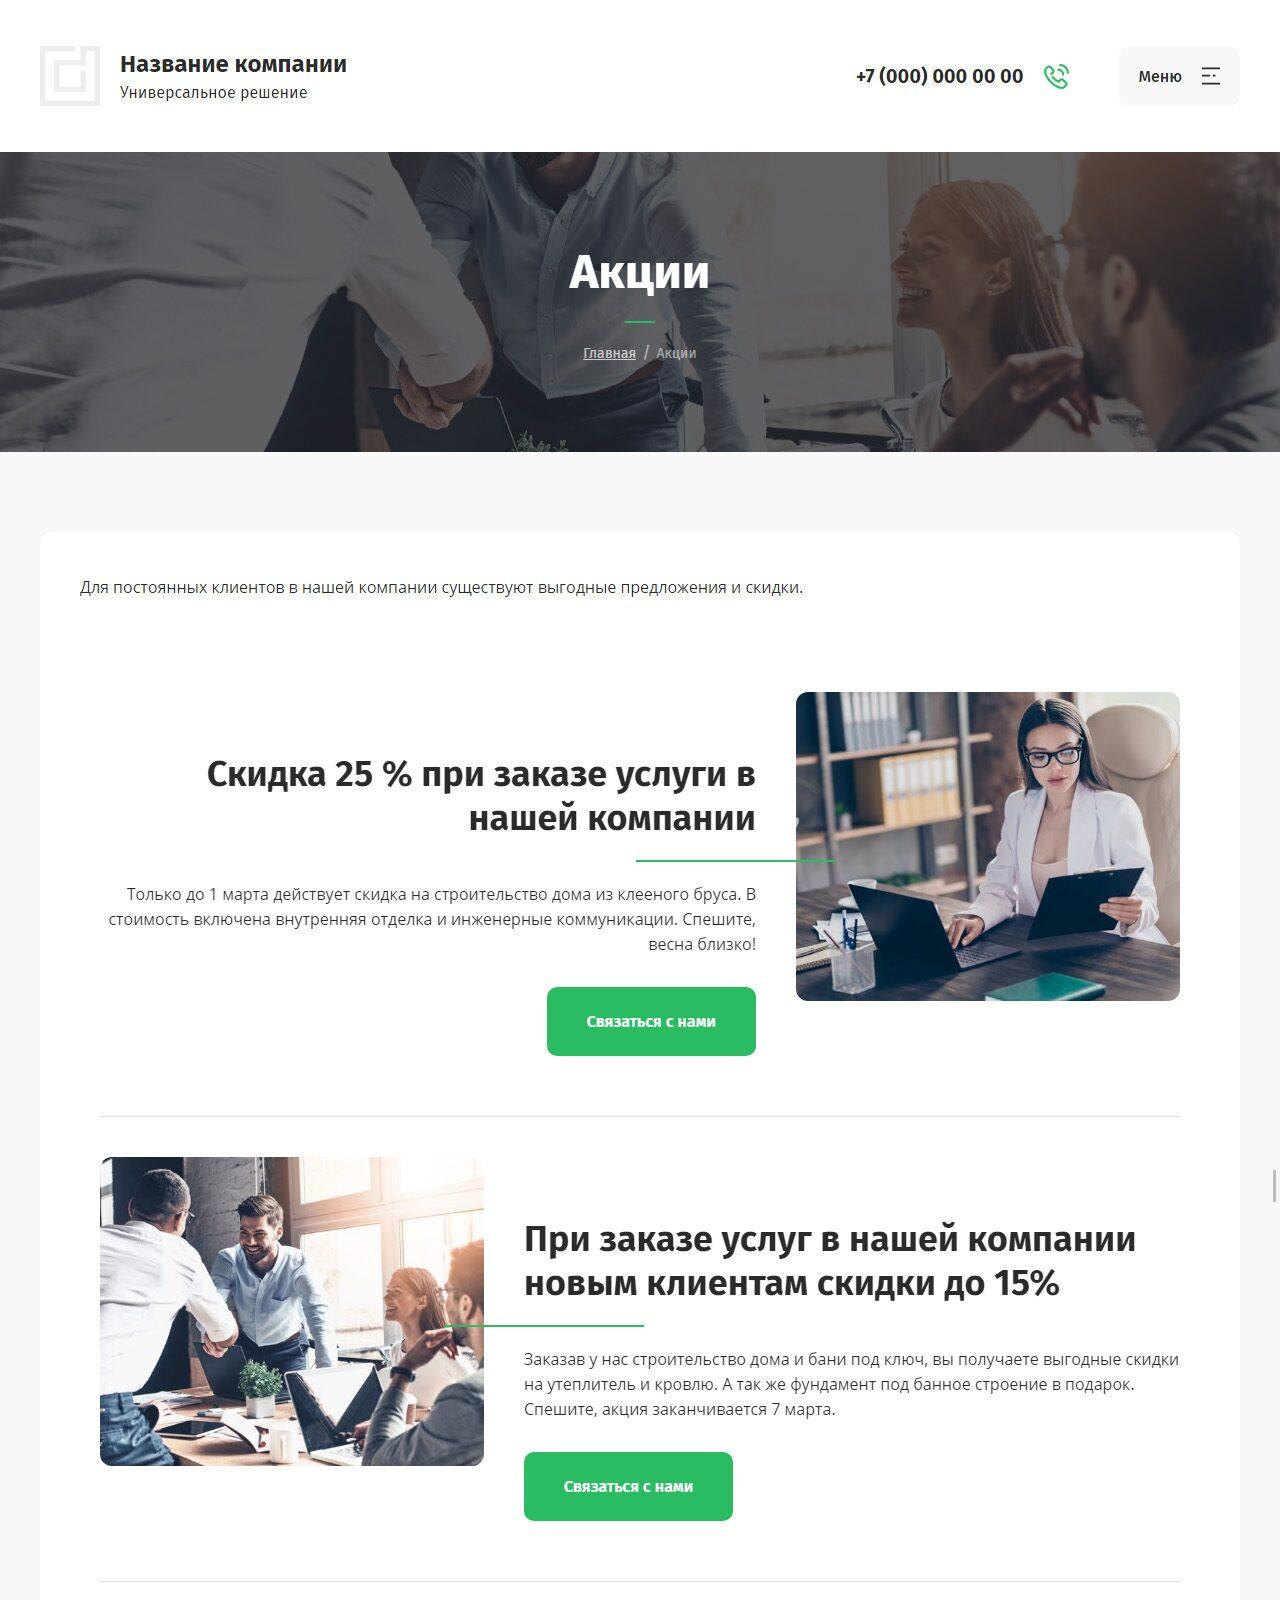 Готовый Сайт-Бизнес #2891093 - Универсальный дизайн (Акции)